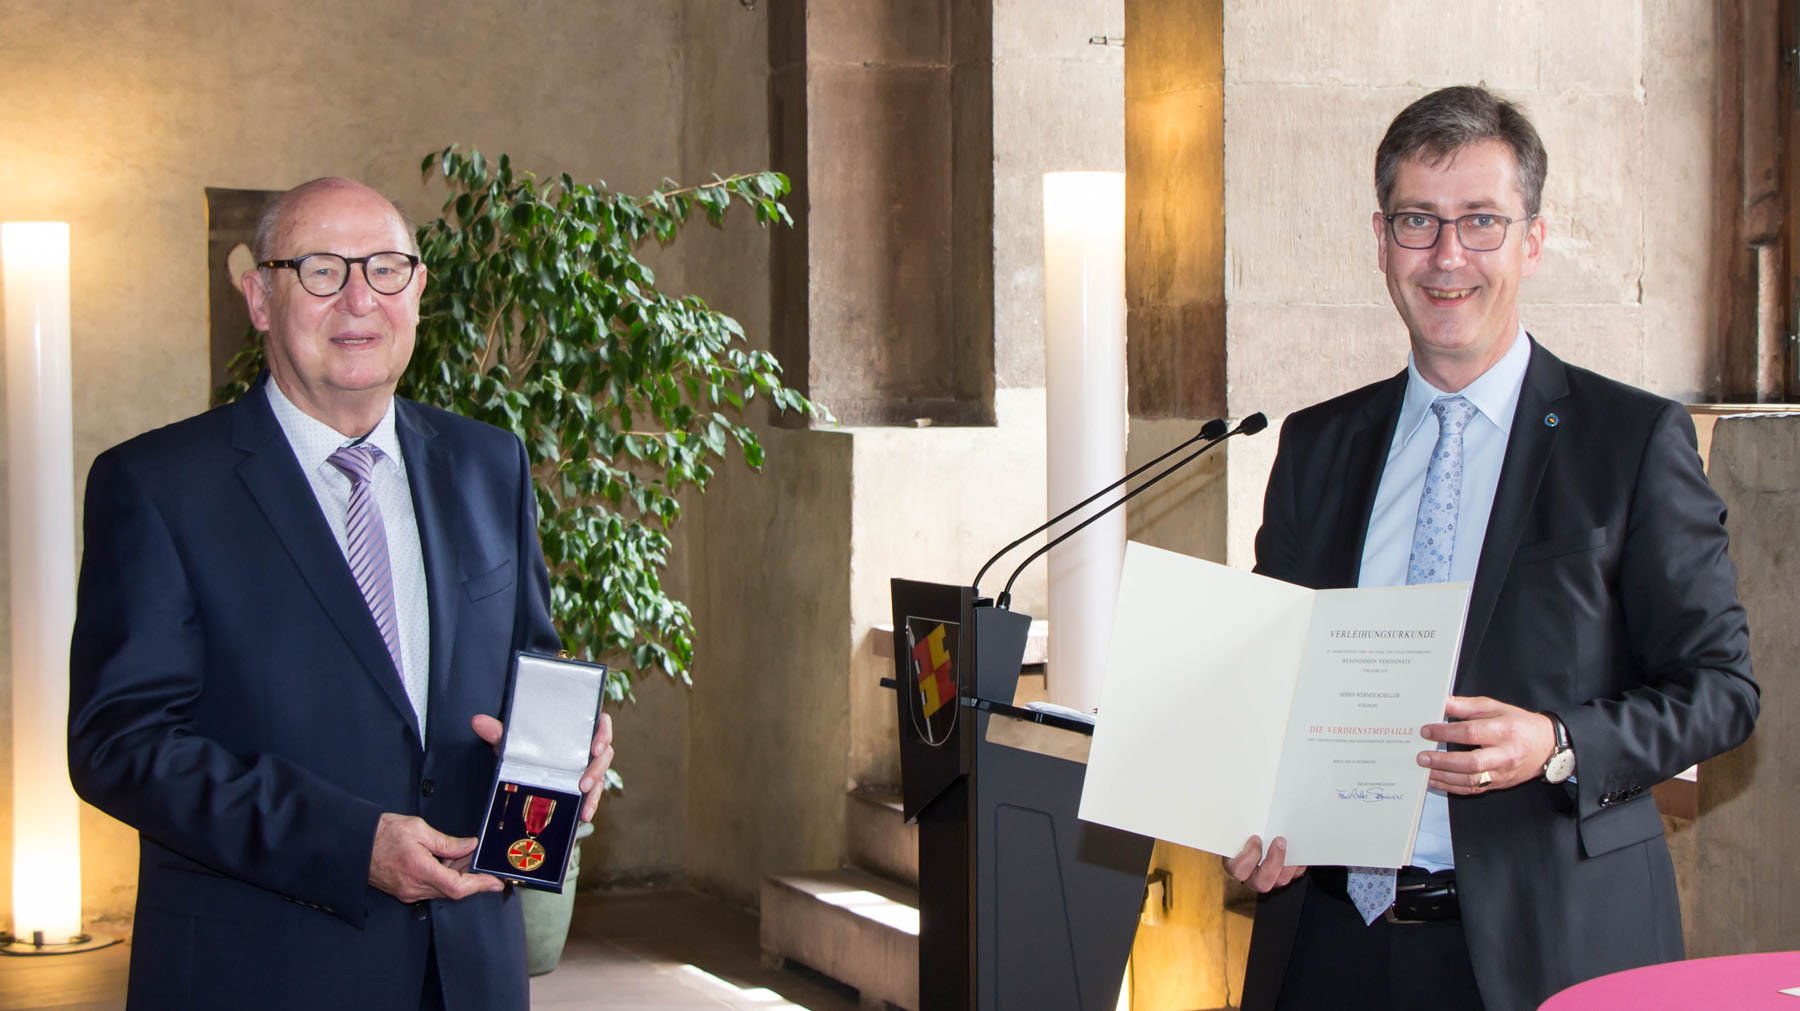 Werner Scheller war ebenfalls Empfänger der Verdienstmedaille des Verdienstordens der Bundesrepublik Deutschland. Re. Oberbürgermeister Christian Schuchardt.